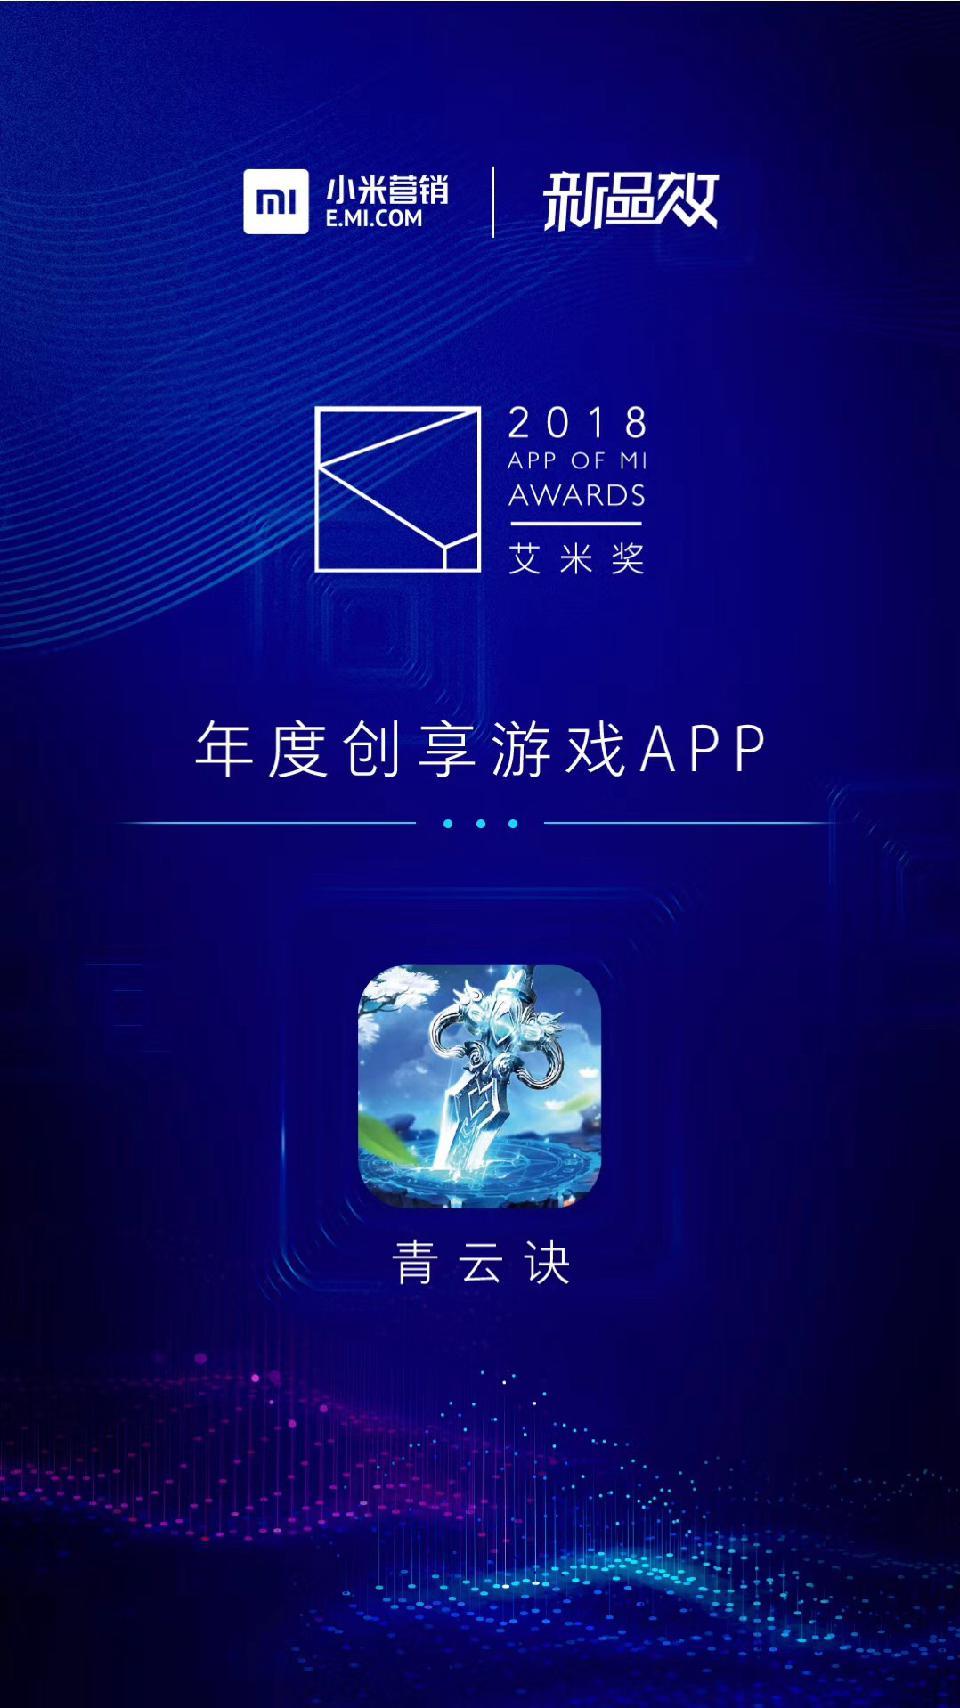 微信图片_20190223155314.jpg